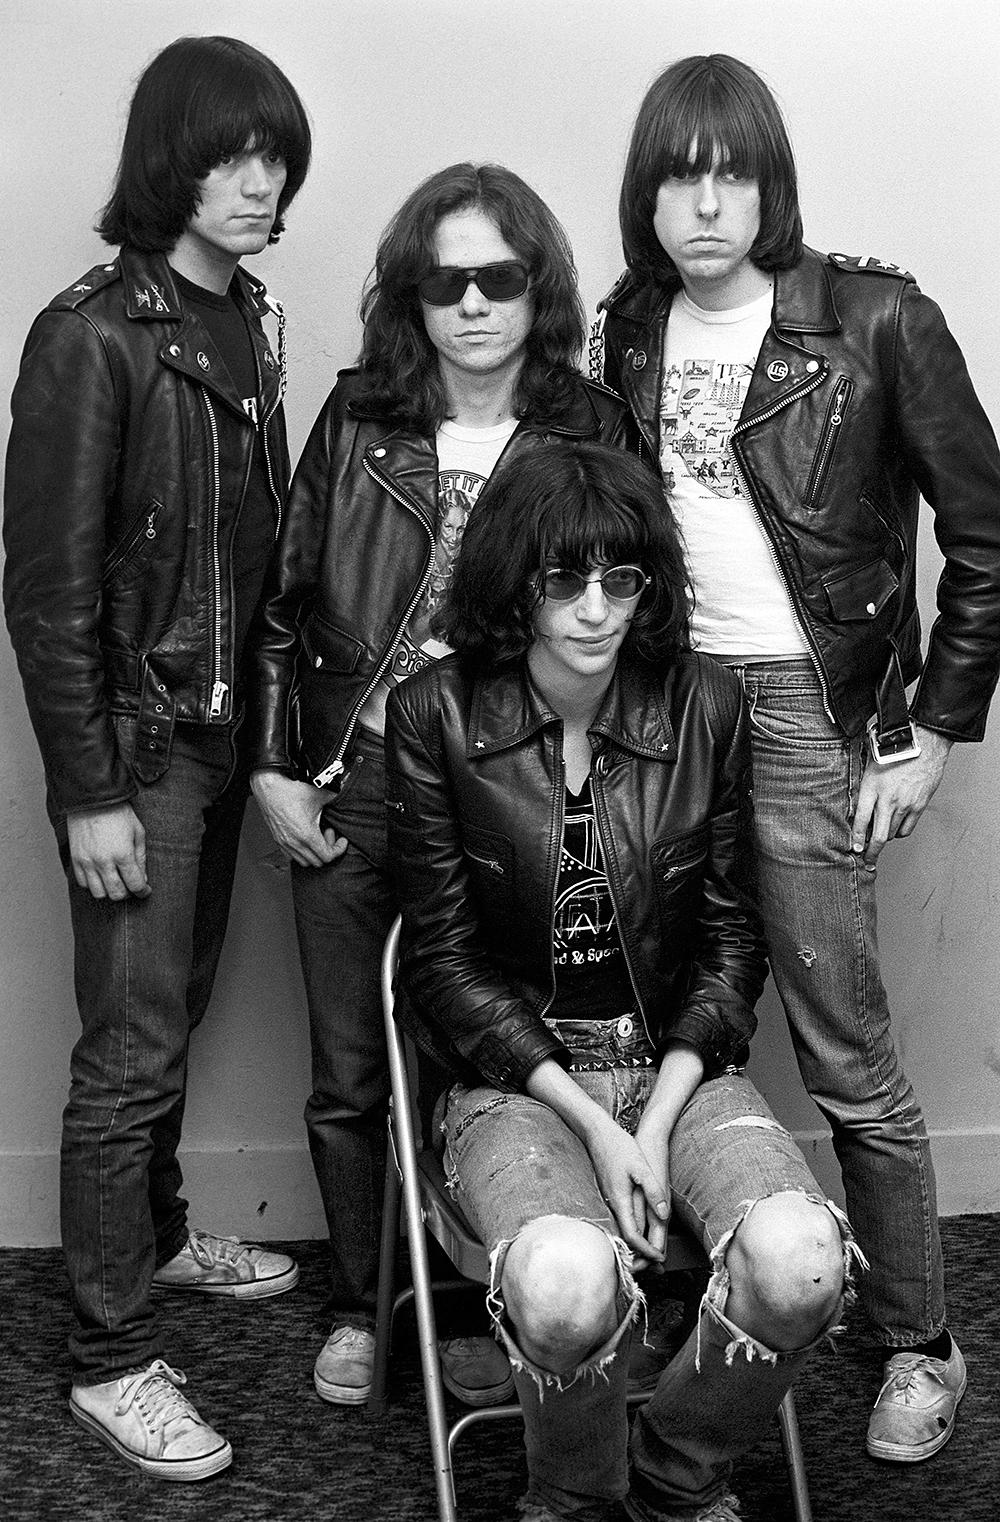 The Ramones by Scott Weiner